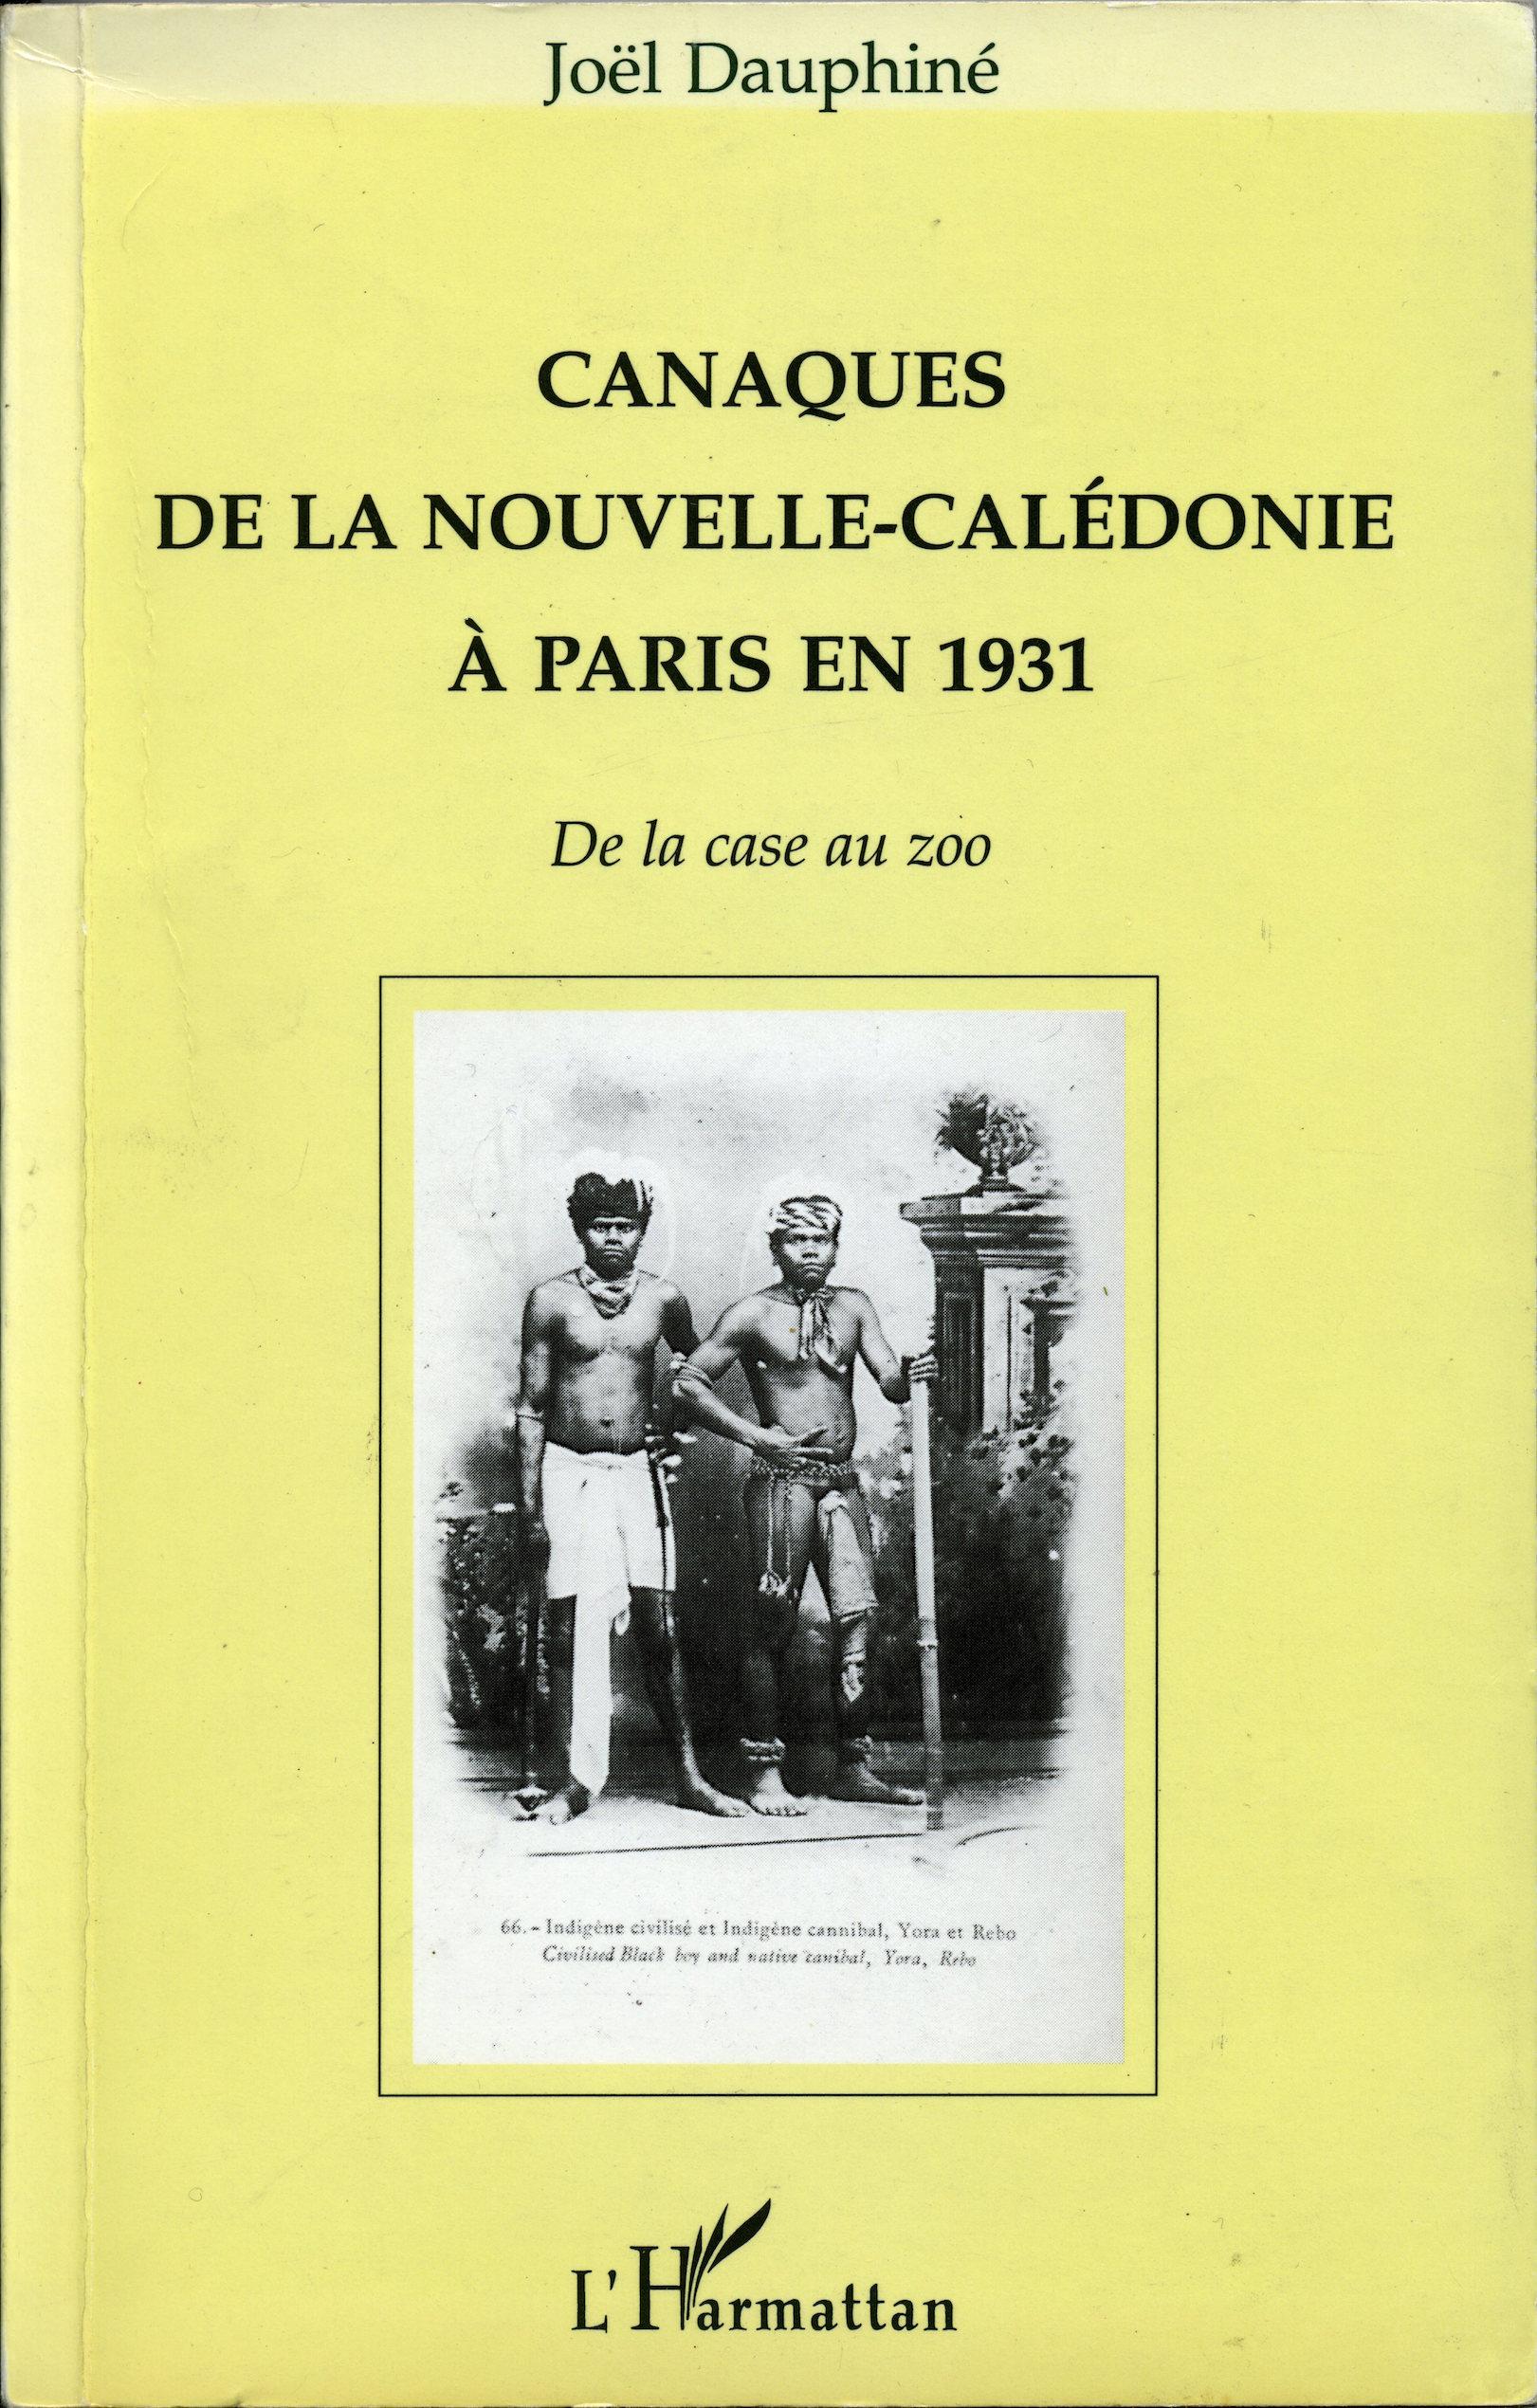 Canaques de la Nouvelle-Caledonie a Paris en 1931